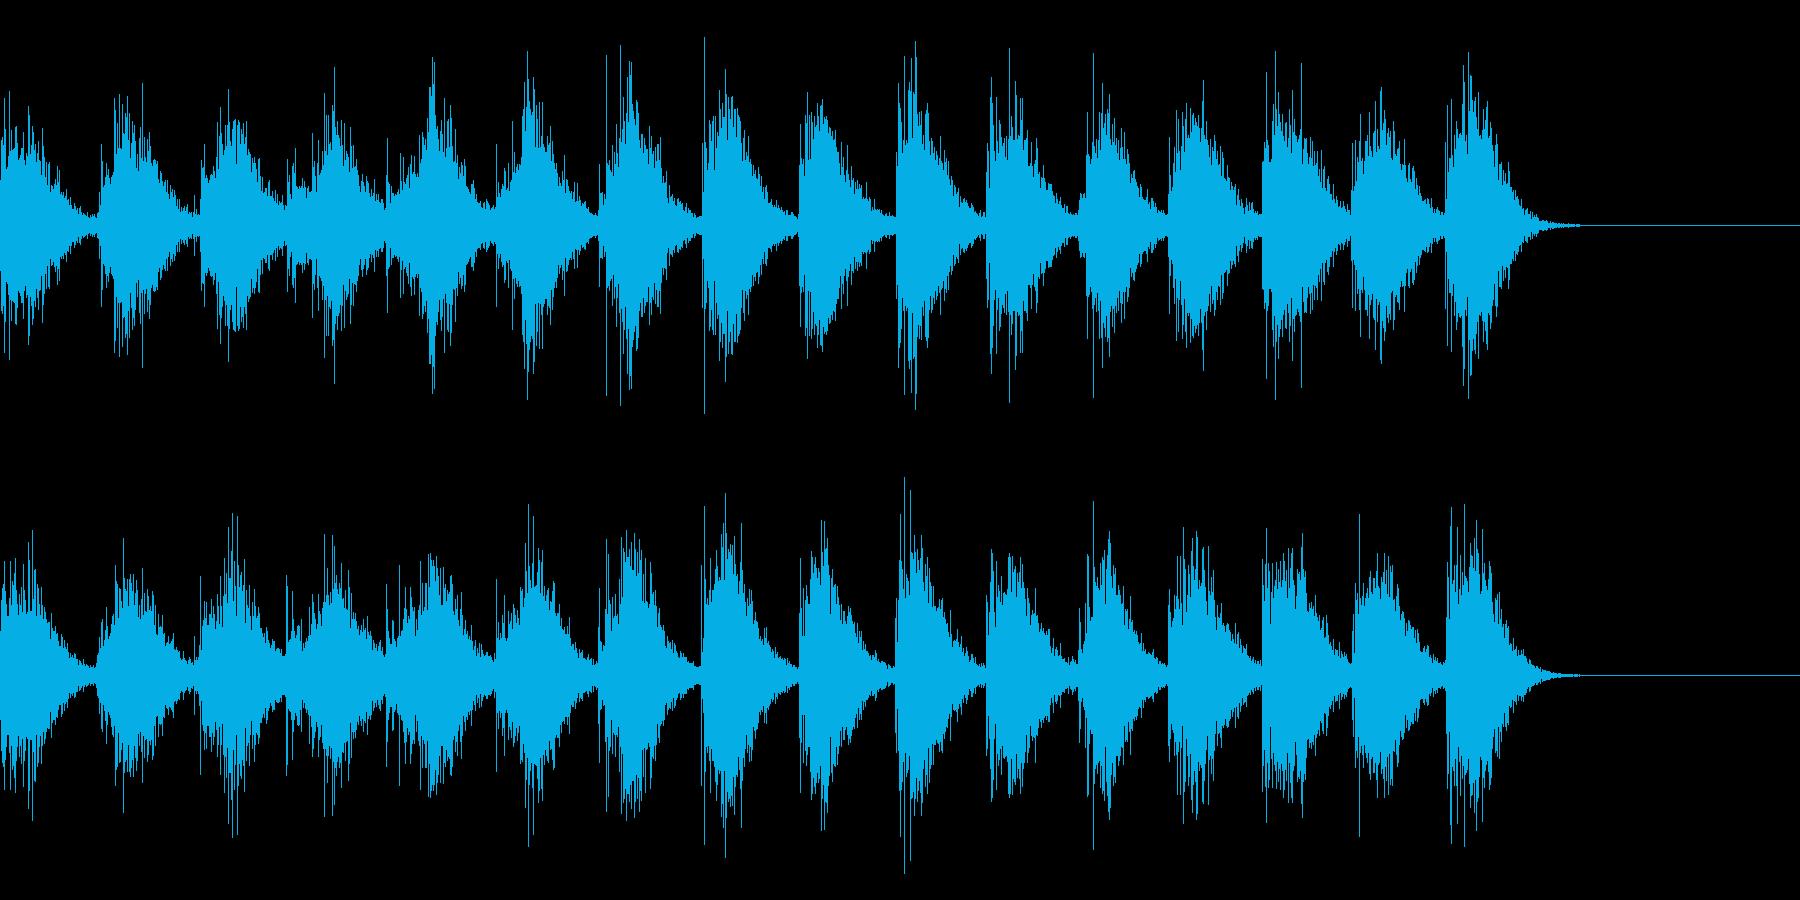 手拍子による拍手の効果音 01の再生済みの波形